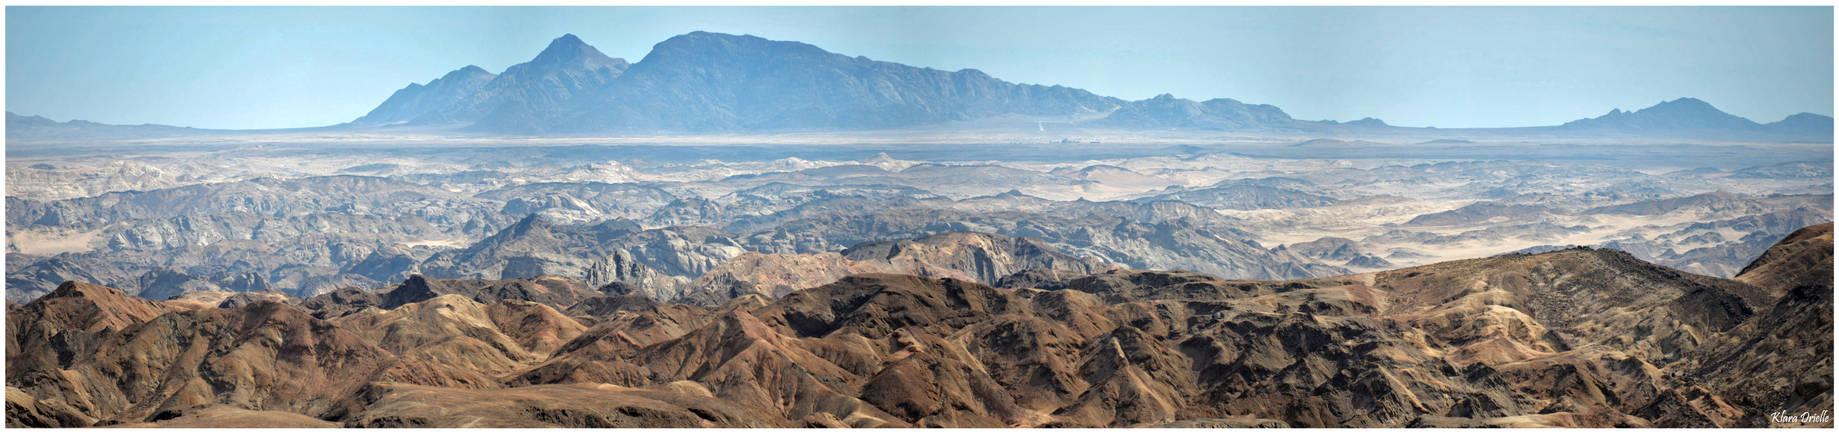 Swakop river valley